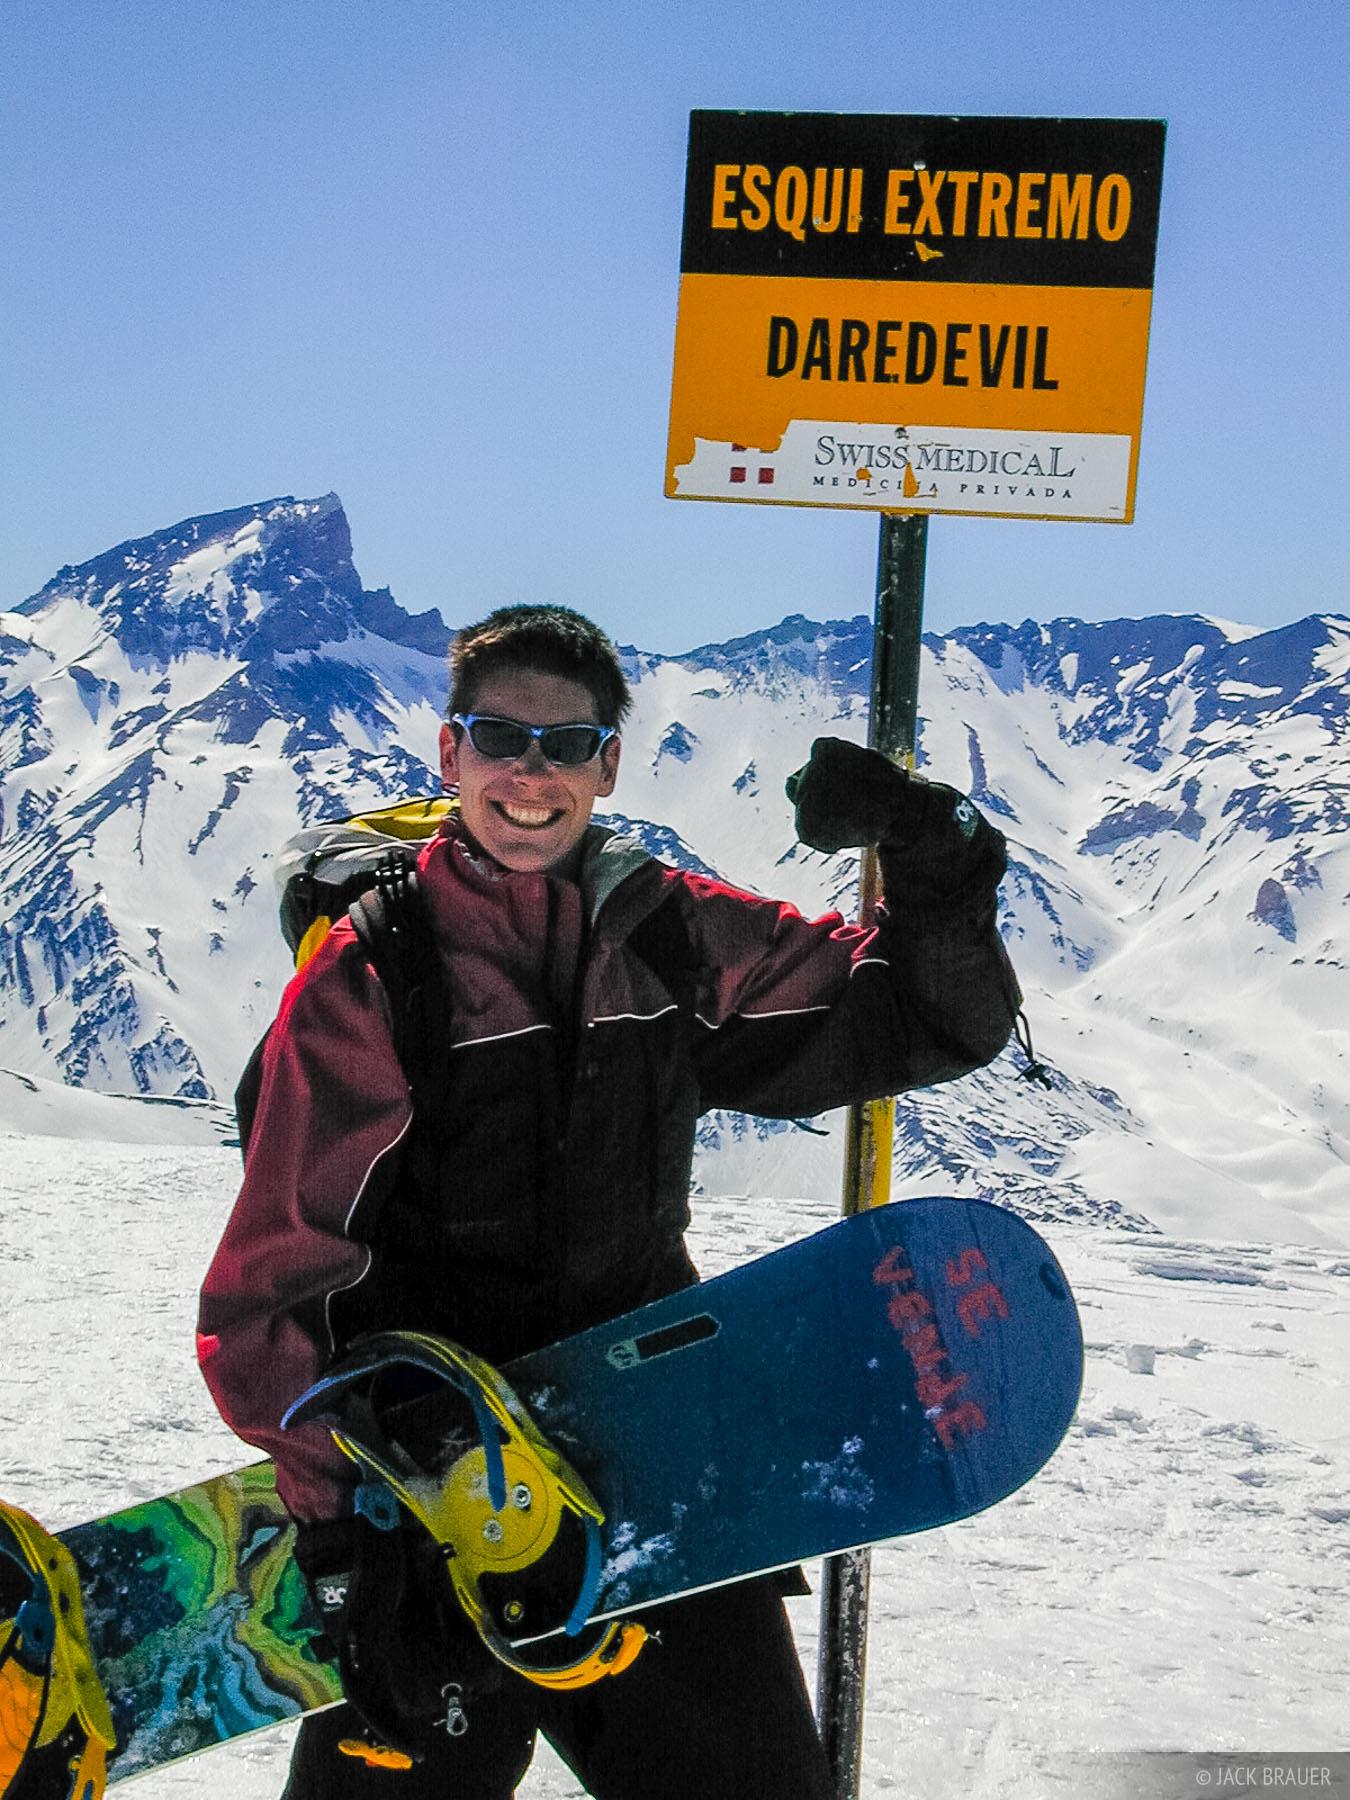 esqui extremo, Argentina, snowboarding, Las Leñas, photo